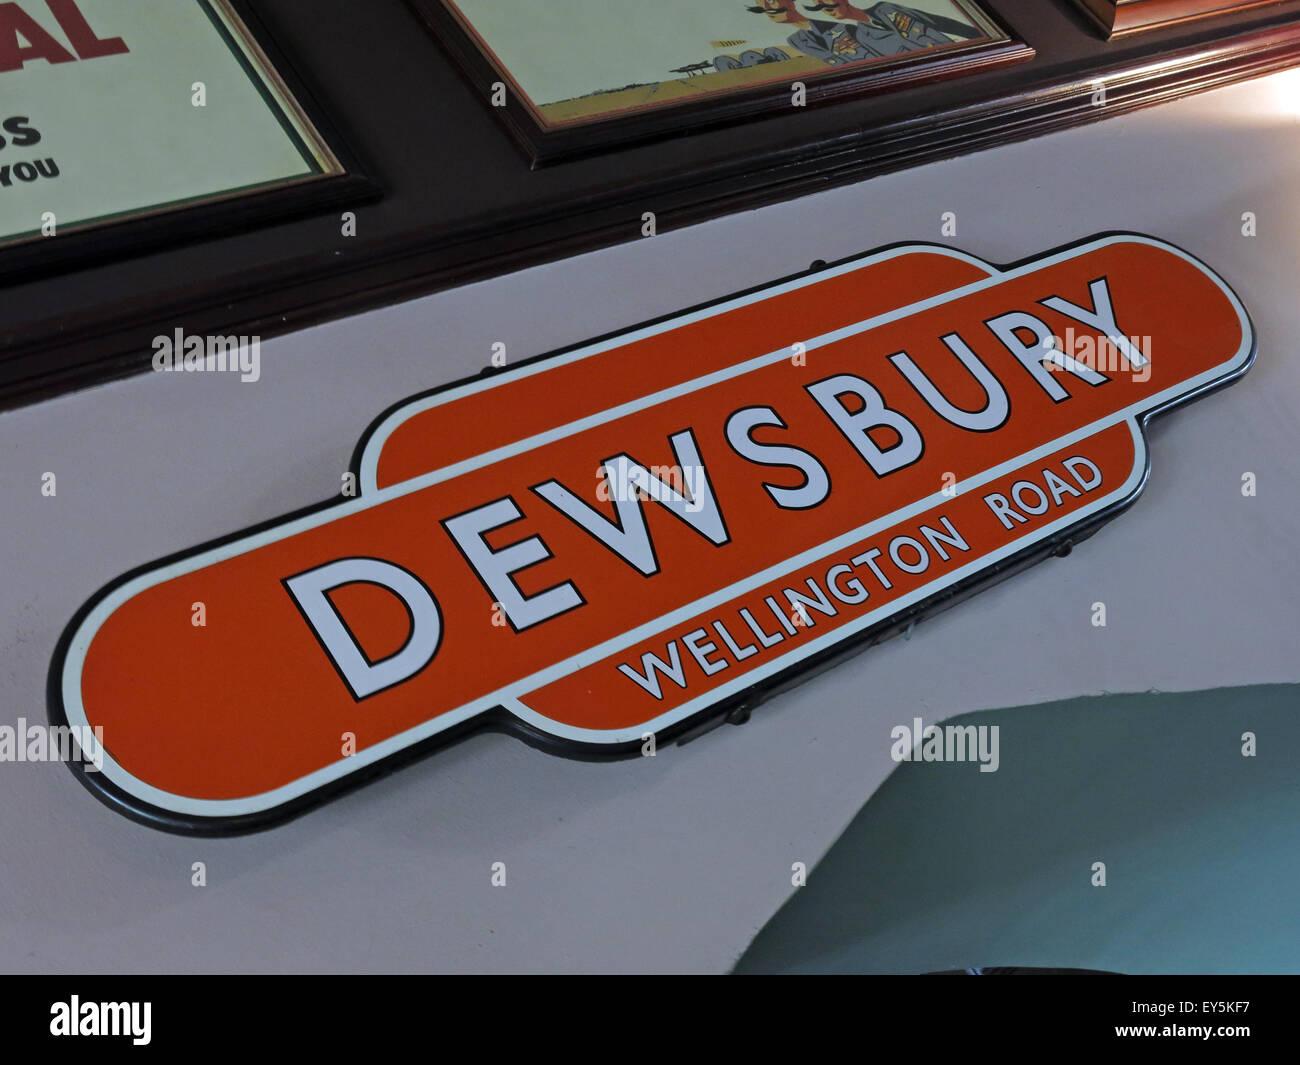 West Riding Pub, Dewsbury Railway Station, West Yorkshire, England, UK Stock Photo